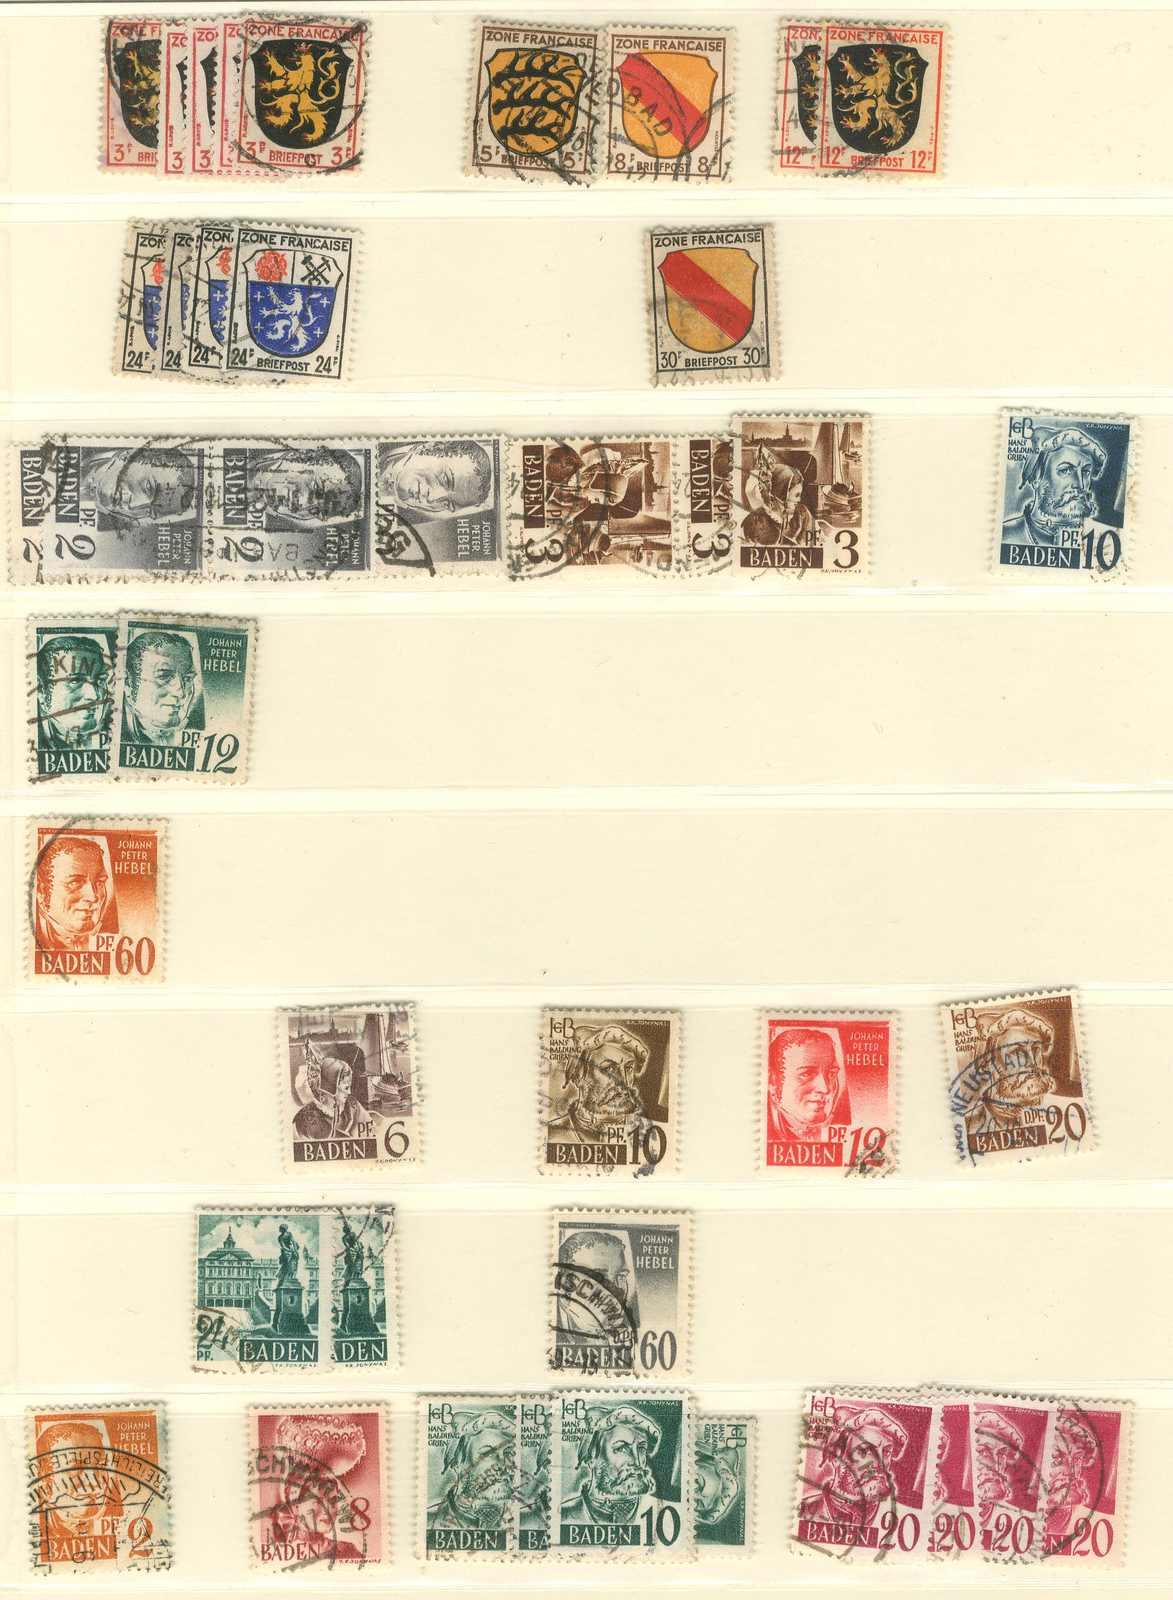 Lot 2682 - sammlungen und posten französische zone  -  Karl Pfankuch & Co. auction #222